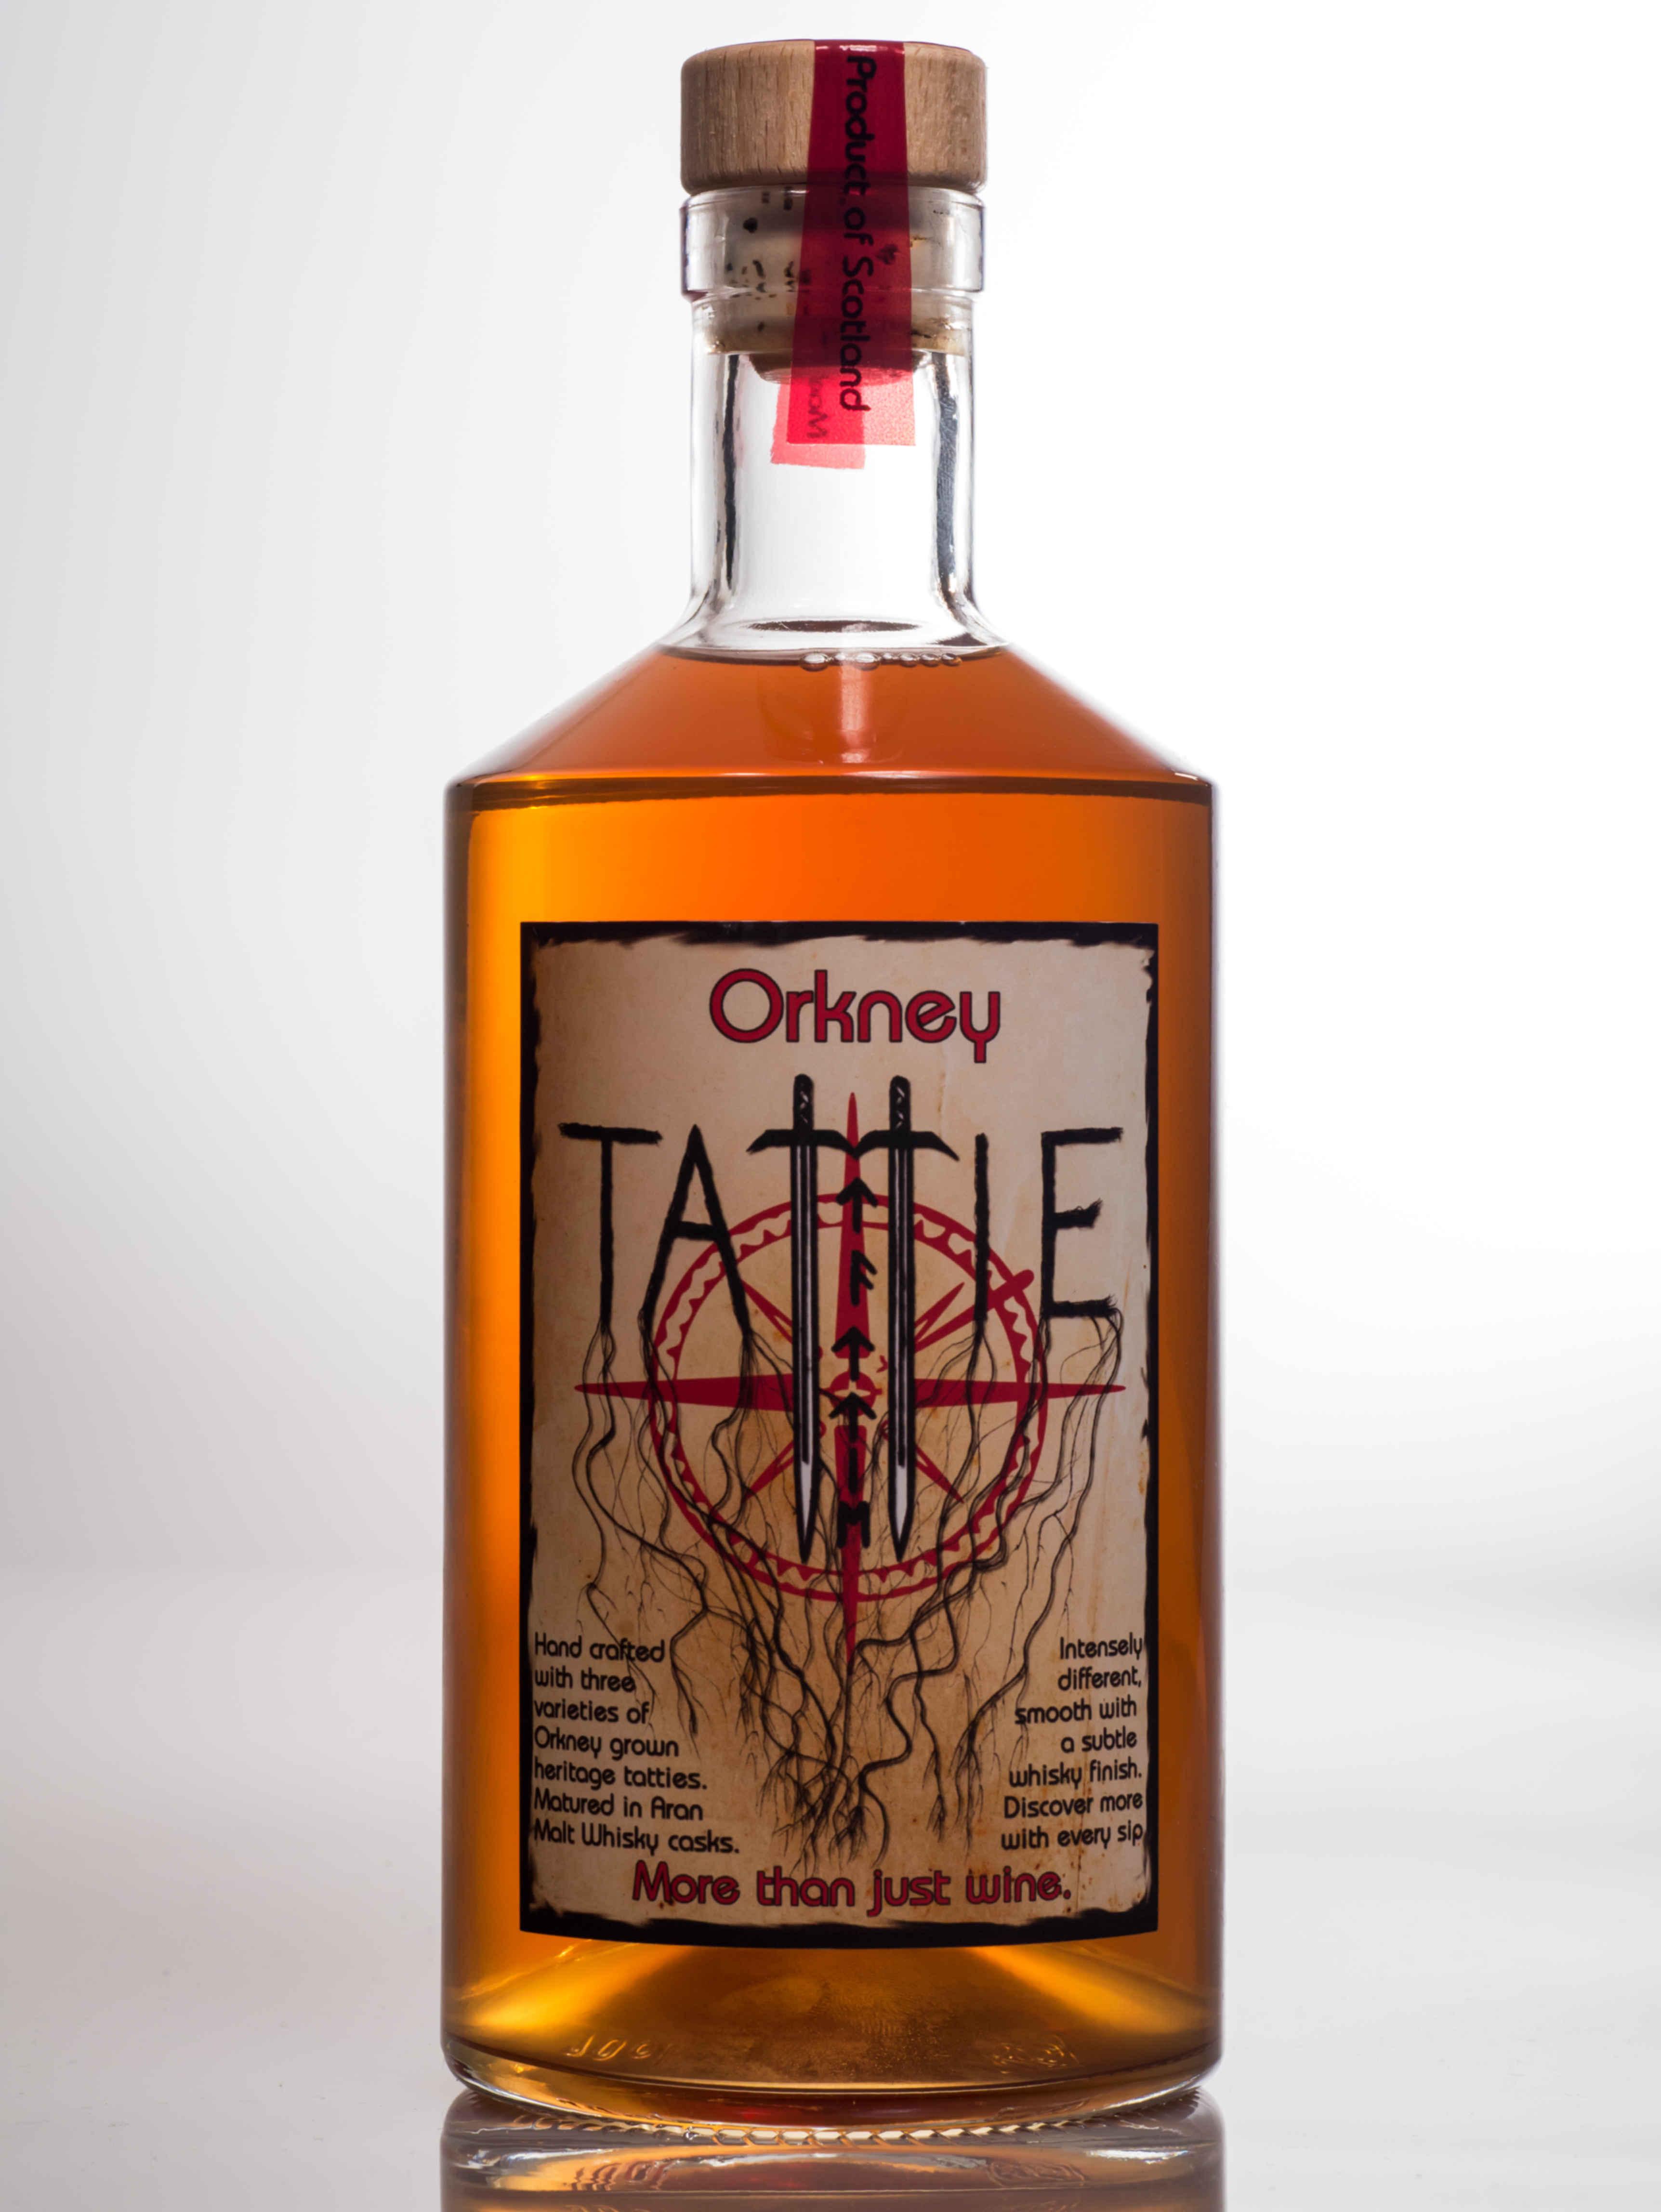 tattie wine orkney grown potato wine